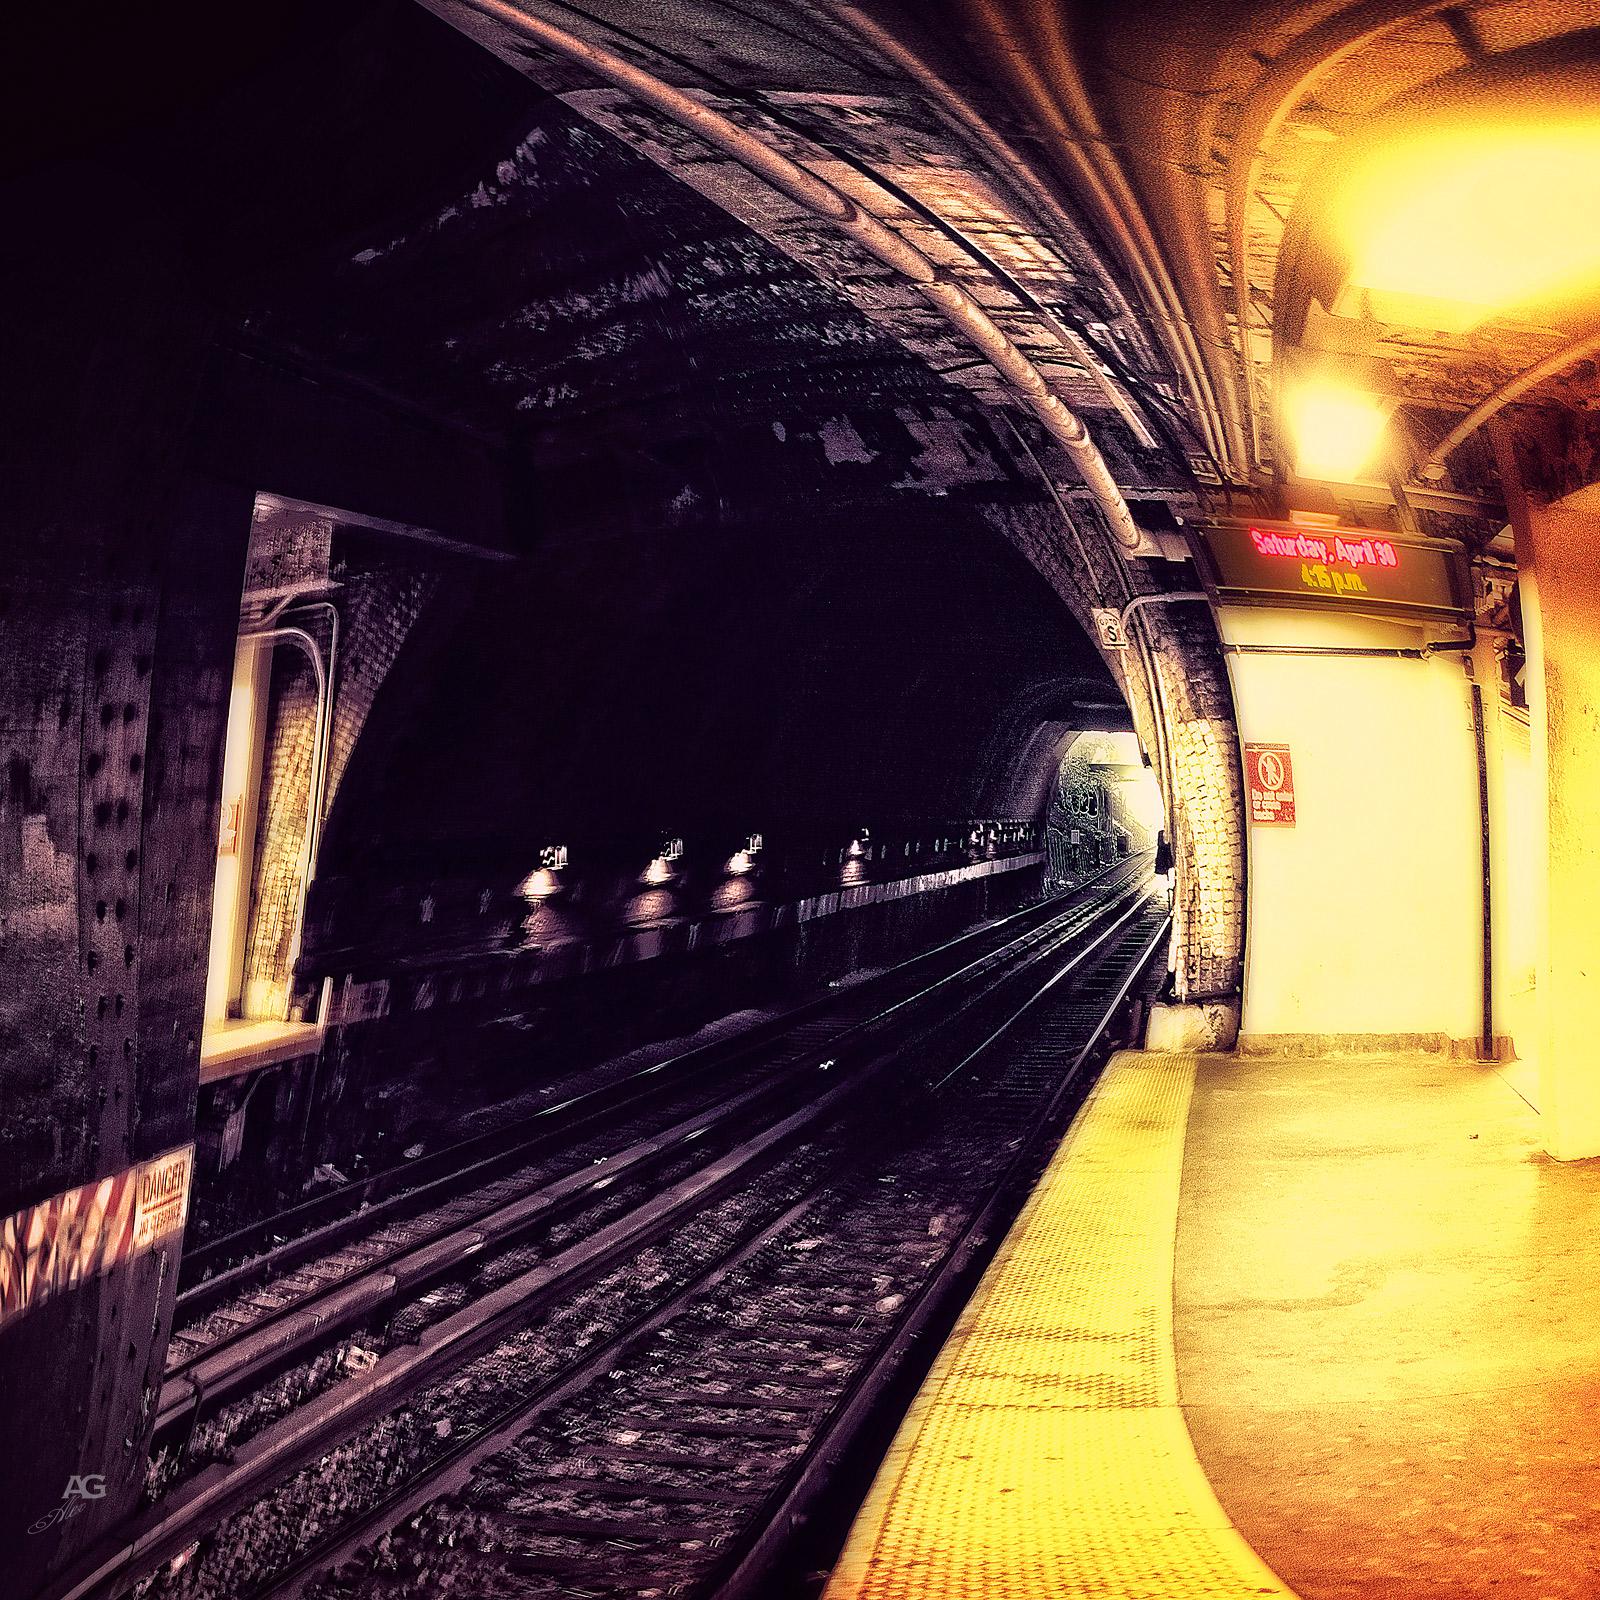 TrainSunwayStationBrooklynBotanicalGarden_warped_1600